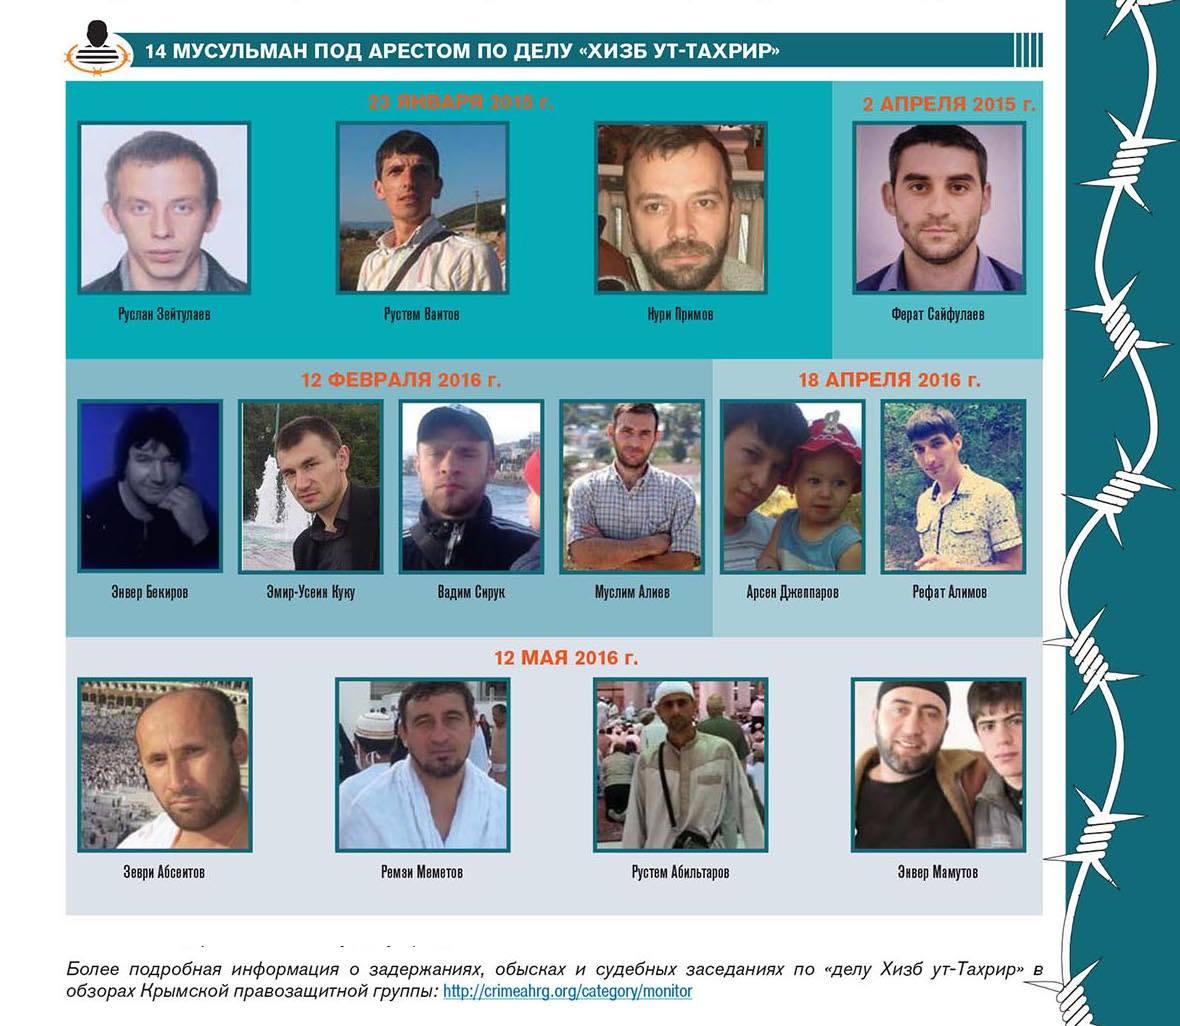 Суд по делу крымских мусульман начнется в Ростове 14 июня